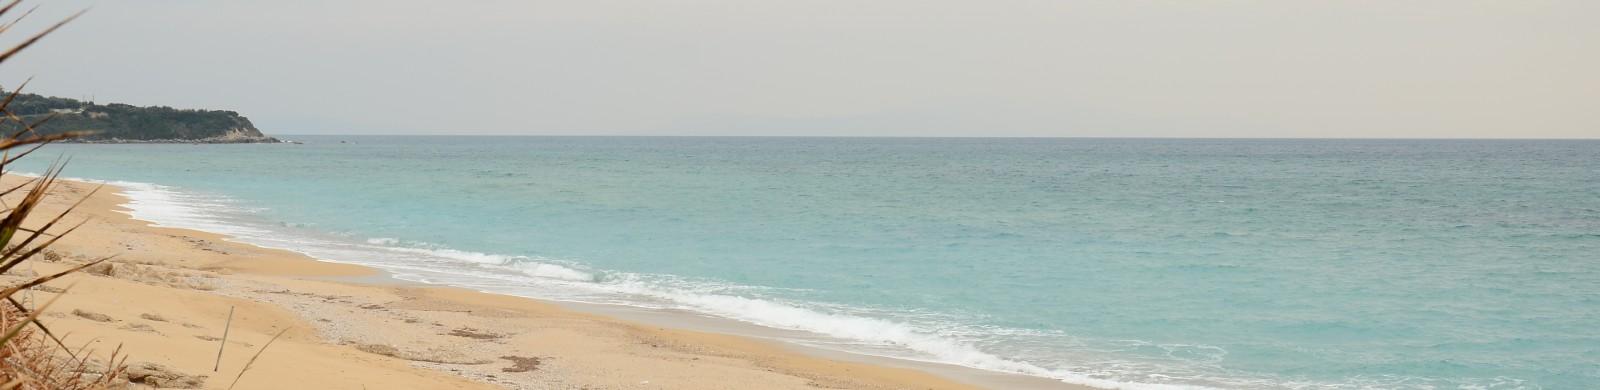 Vrahos beach, apartmani grcka, letovanje, leto